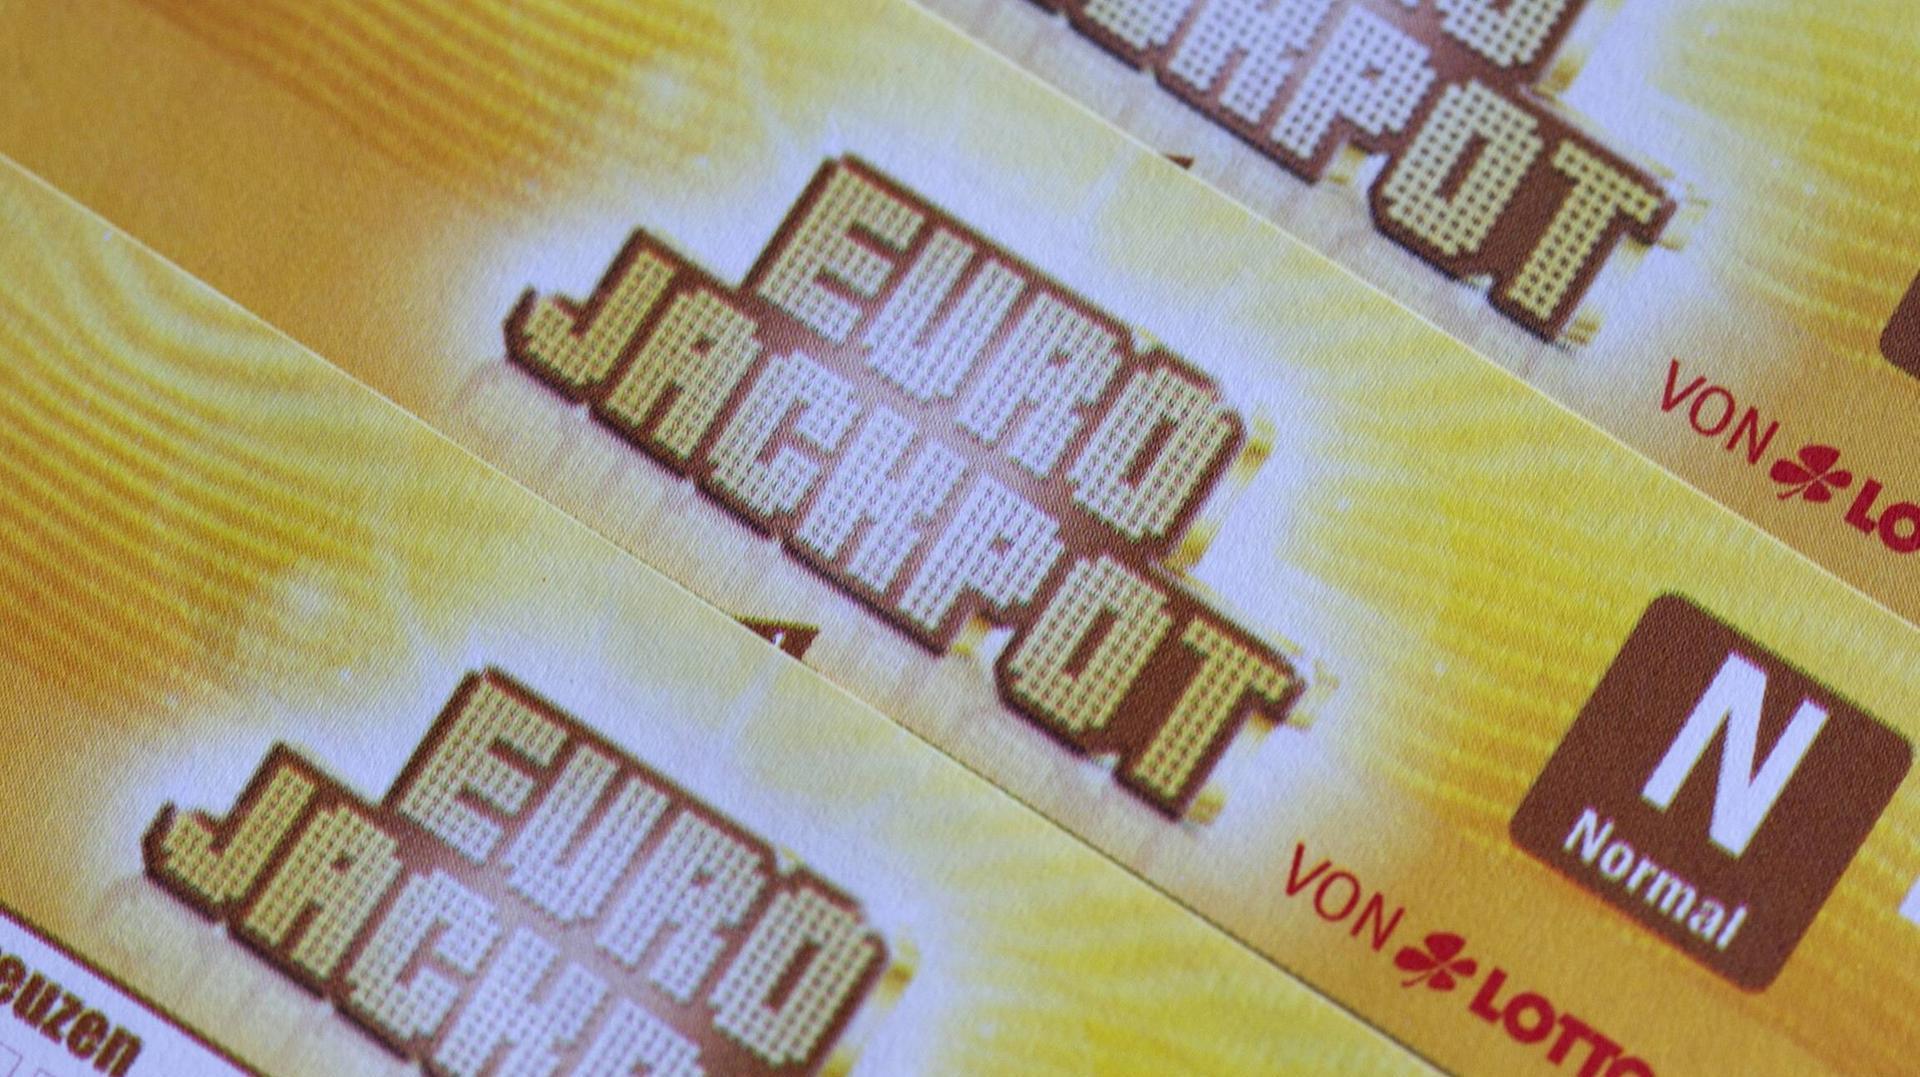 Eurojackpot: gewinnzahlen und quoten - ziehung von freitag, 30.09.16